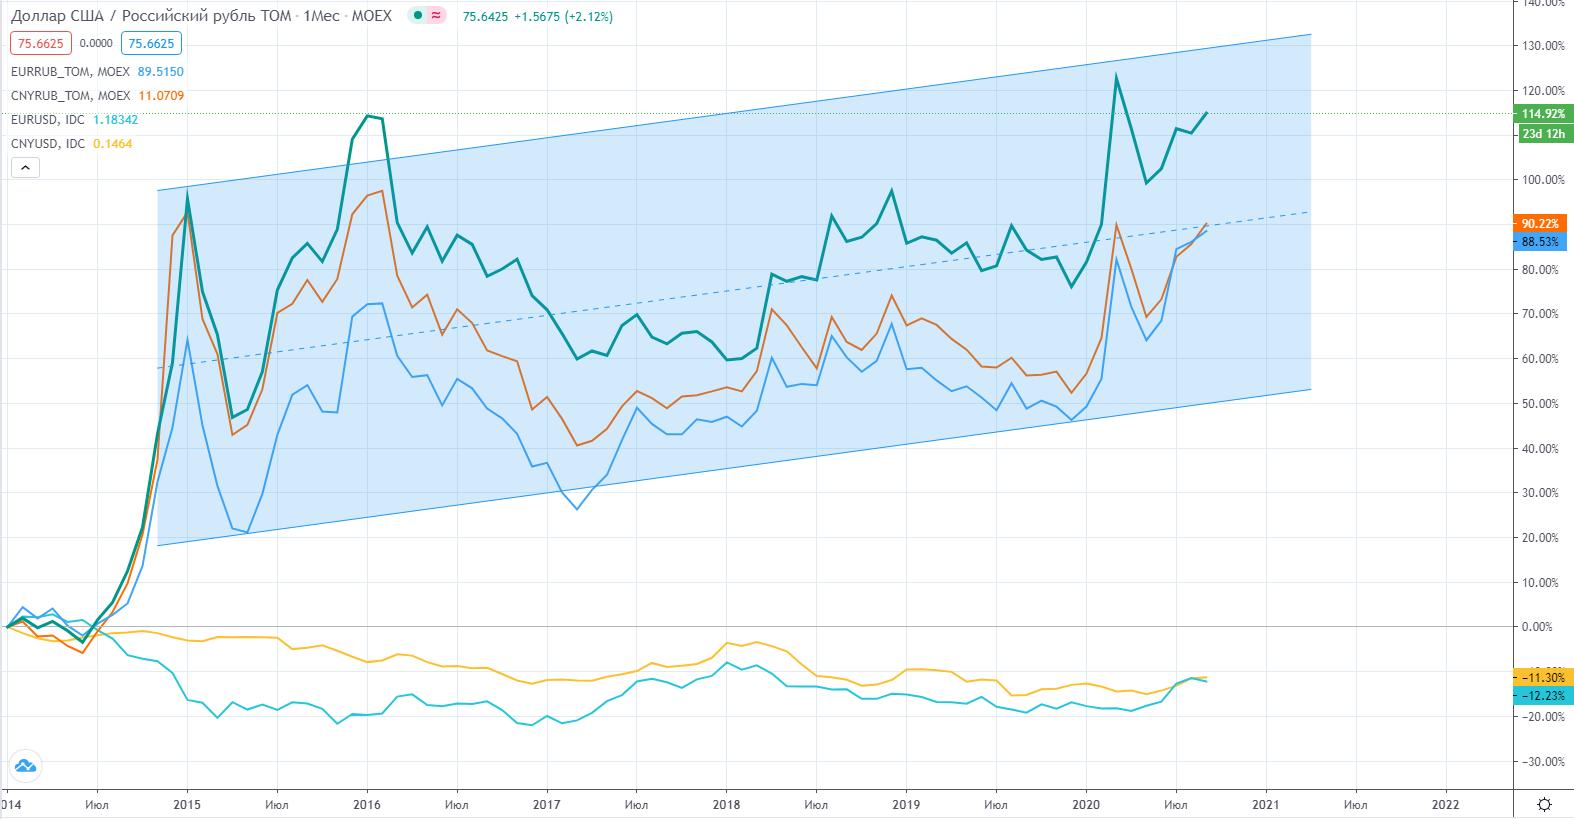 Ослабление рубля и прочих валют к доллару